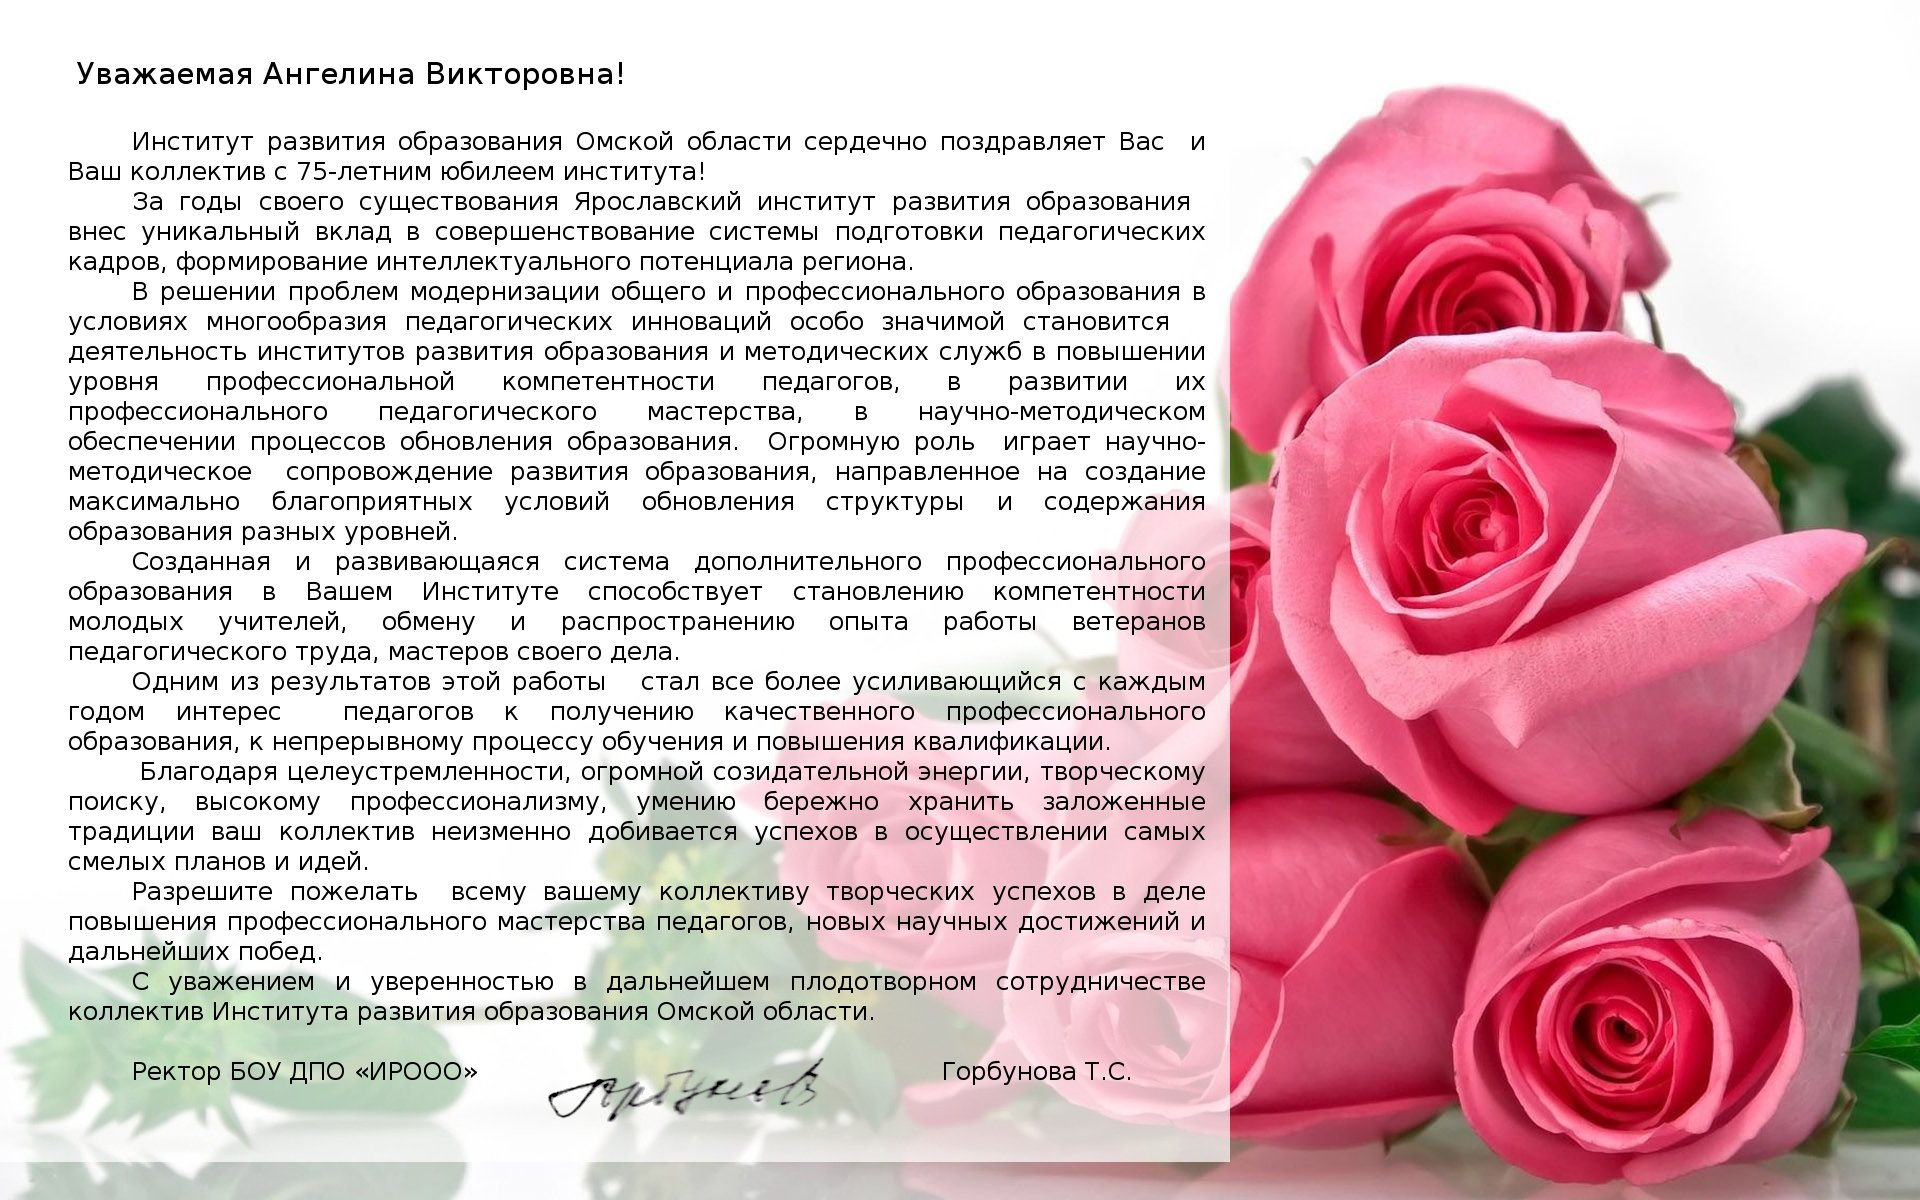 Официальное поздравление с юбилеем женщине 55 лет